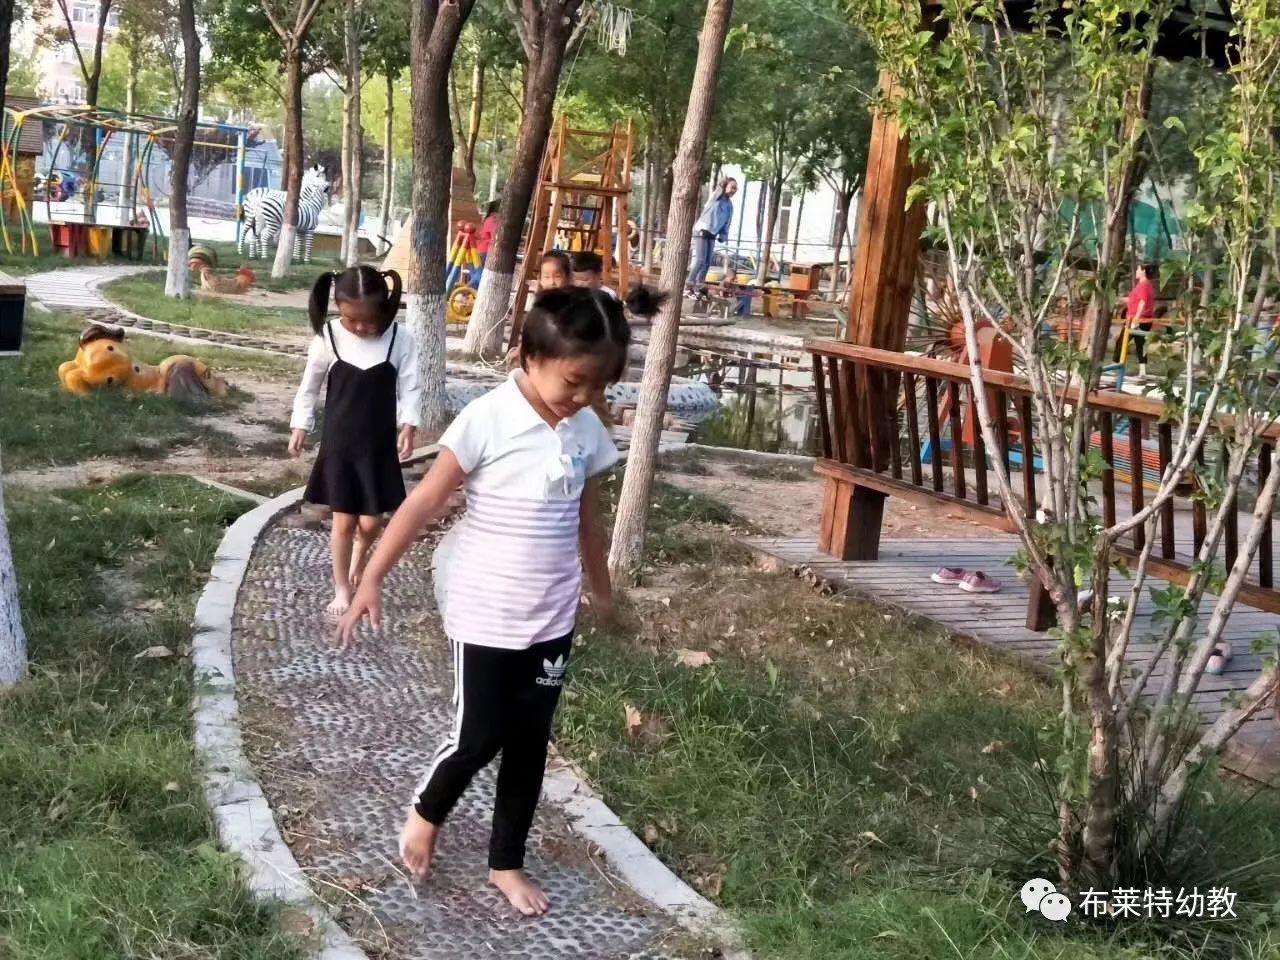 名园 | 利津二幼多材质道路:感官教育与裸足保育的创意结合